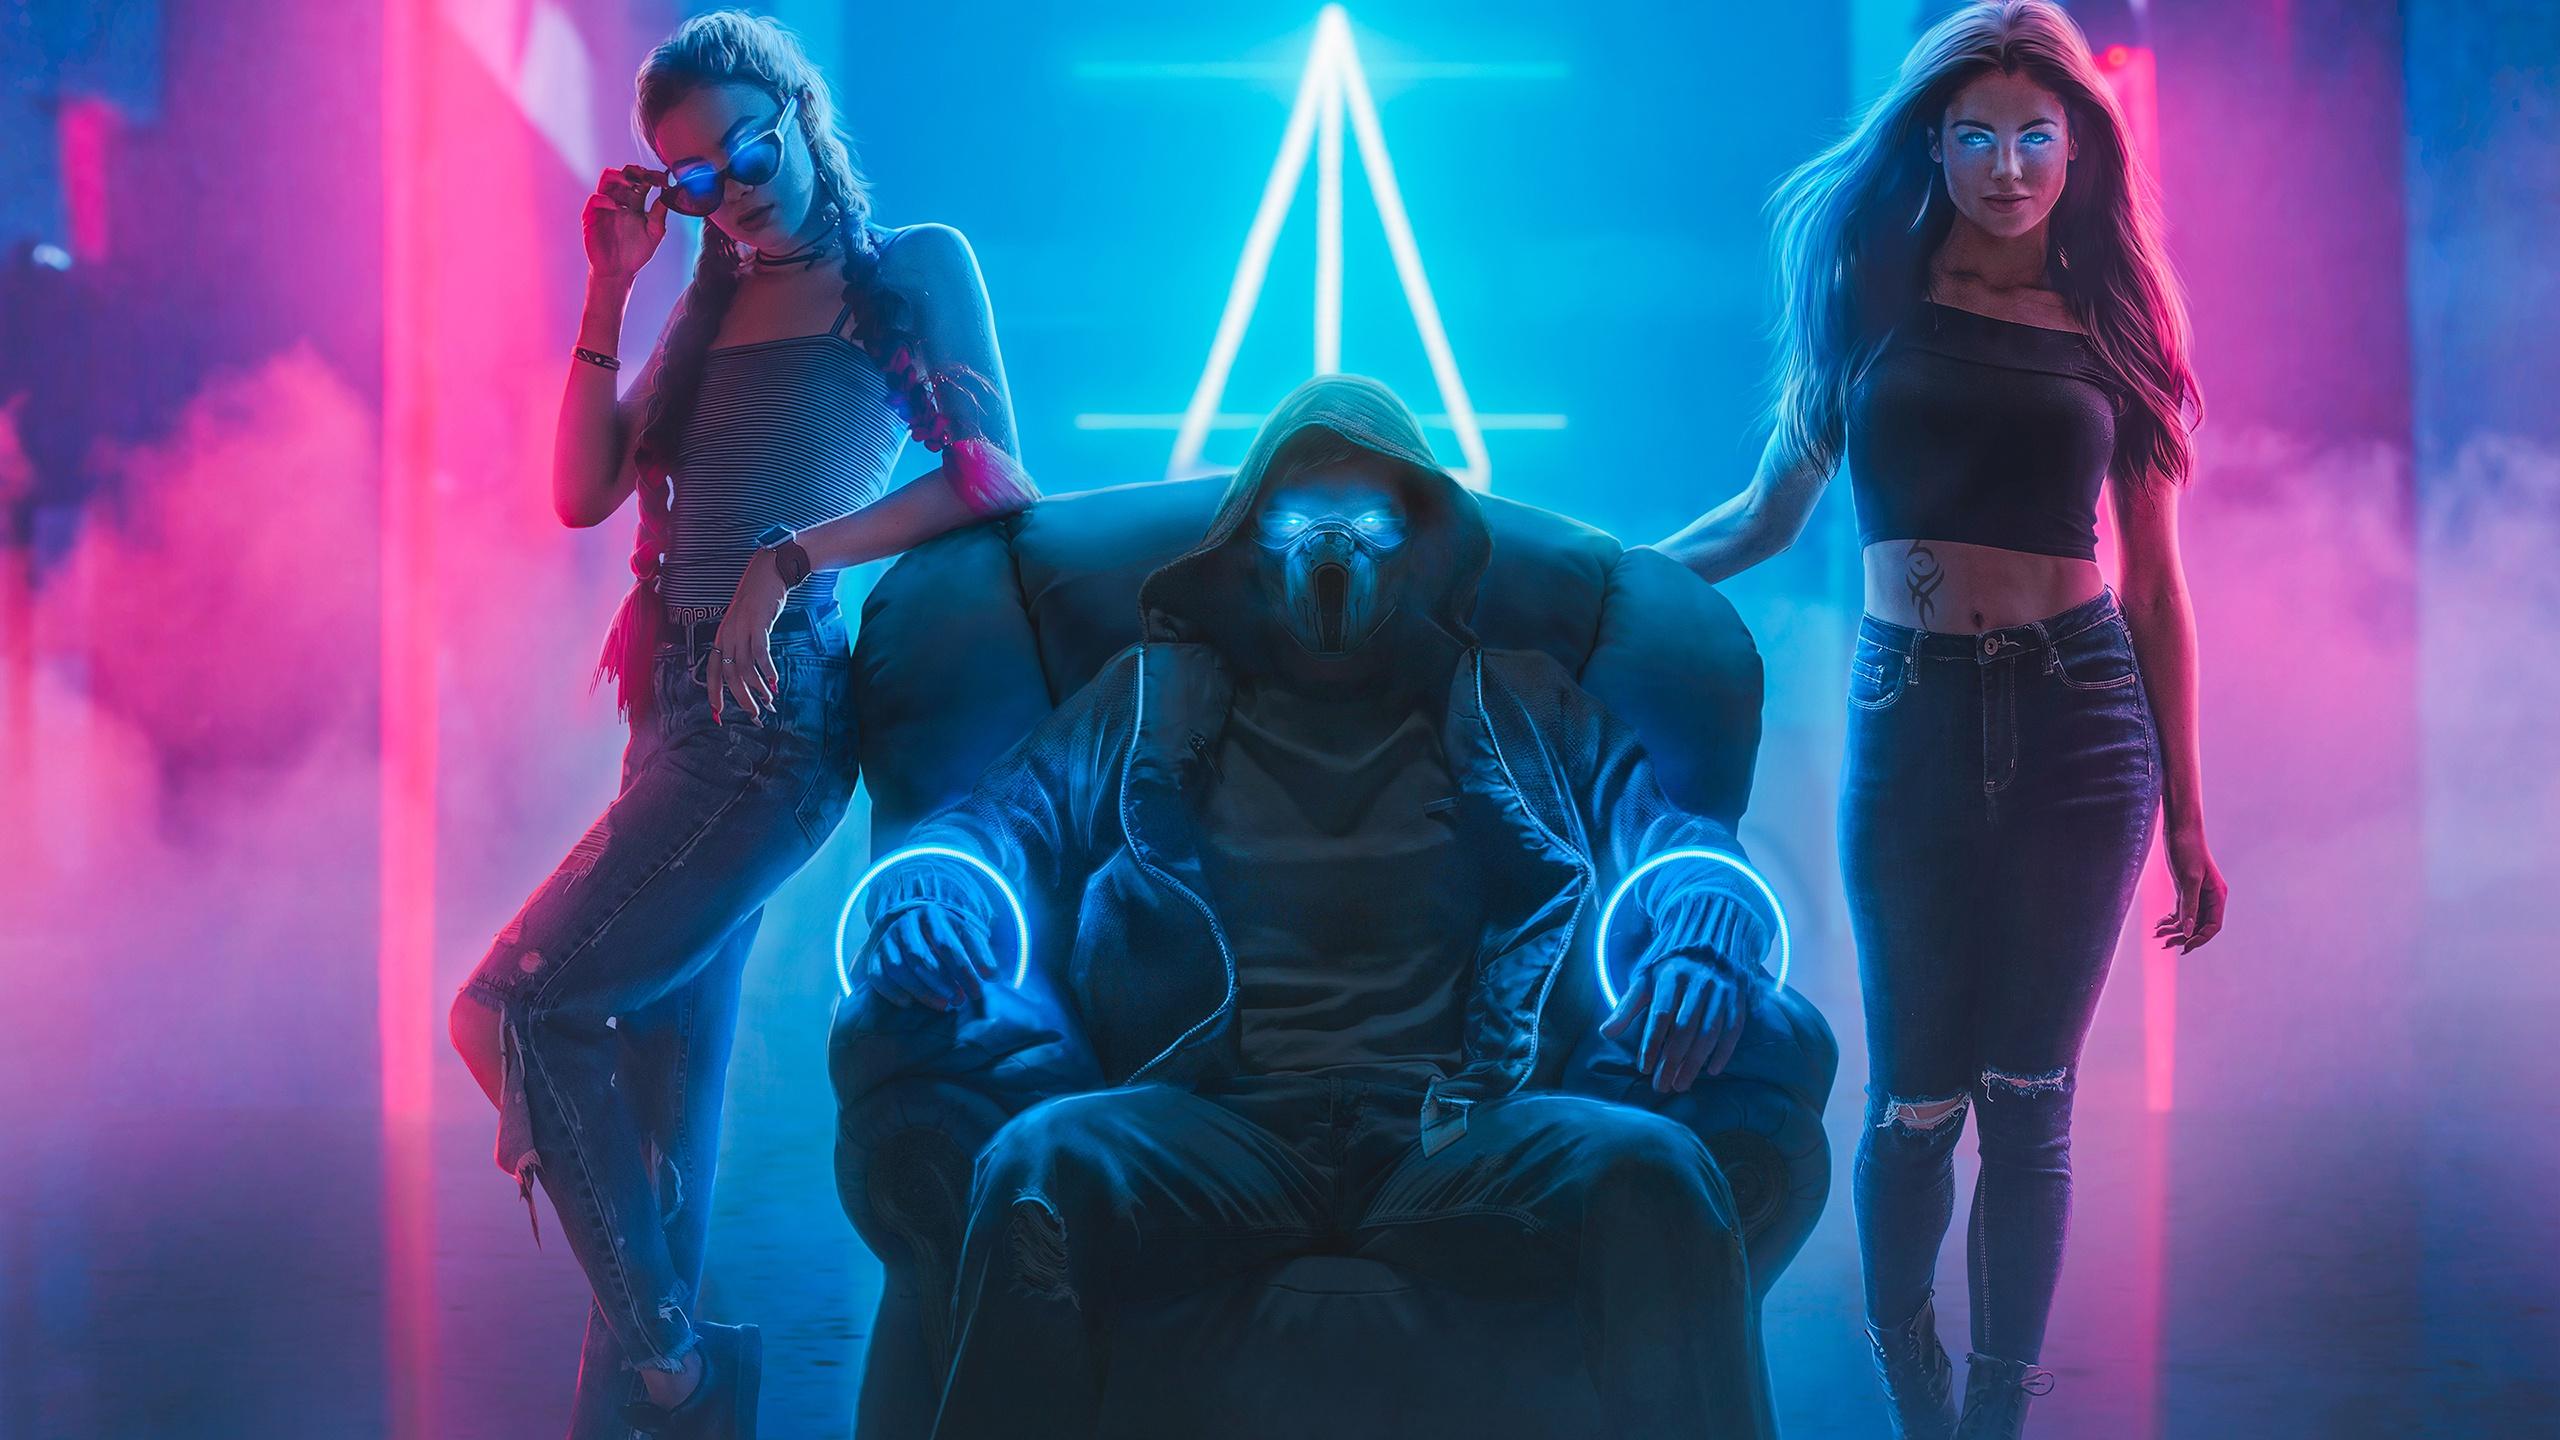 cyberpunk (98).jpg - Cyberpunk 2077